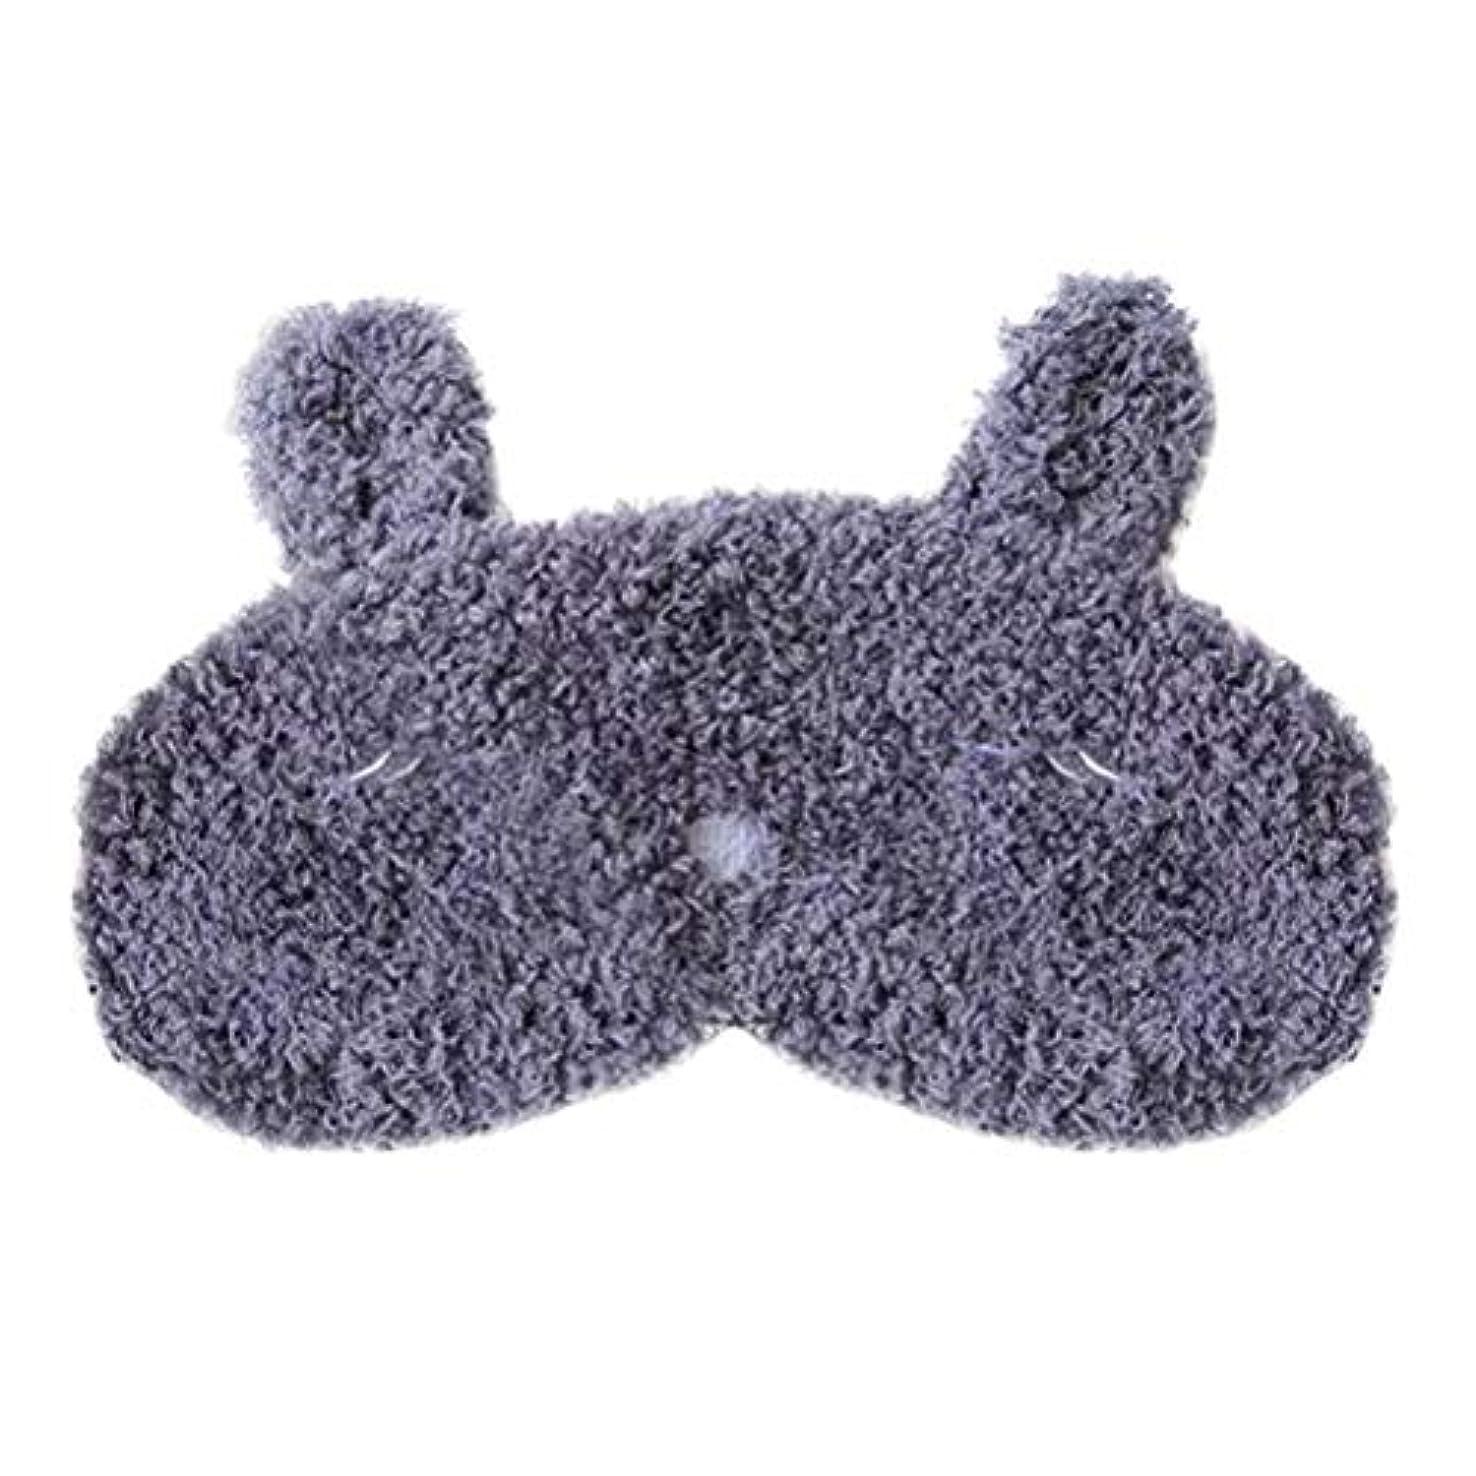 賛美歌不幸送料Healifty かわいいアイマスクアイシェッドカーネーションアイマスクウサギのキャットアイパッチ(睡眠ニップ(ネイビー)